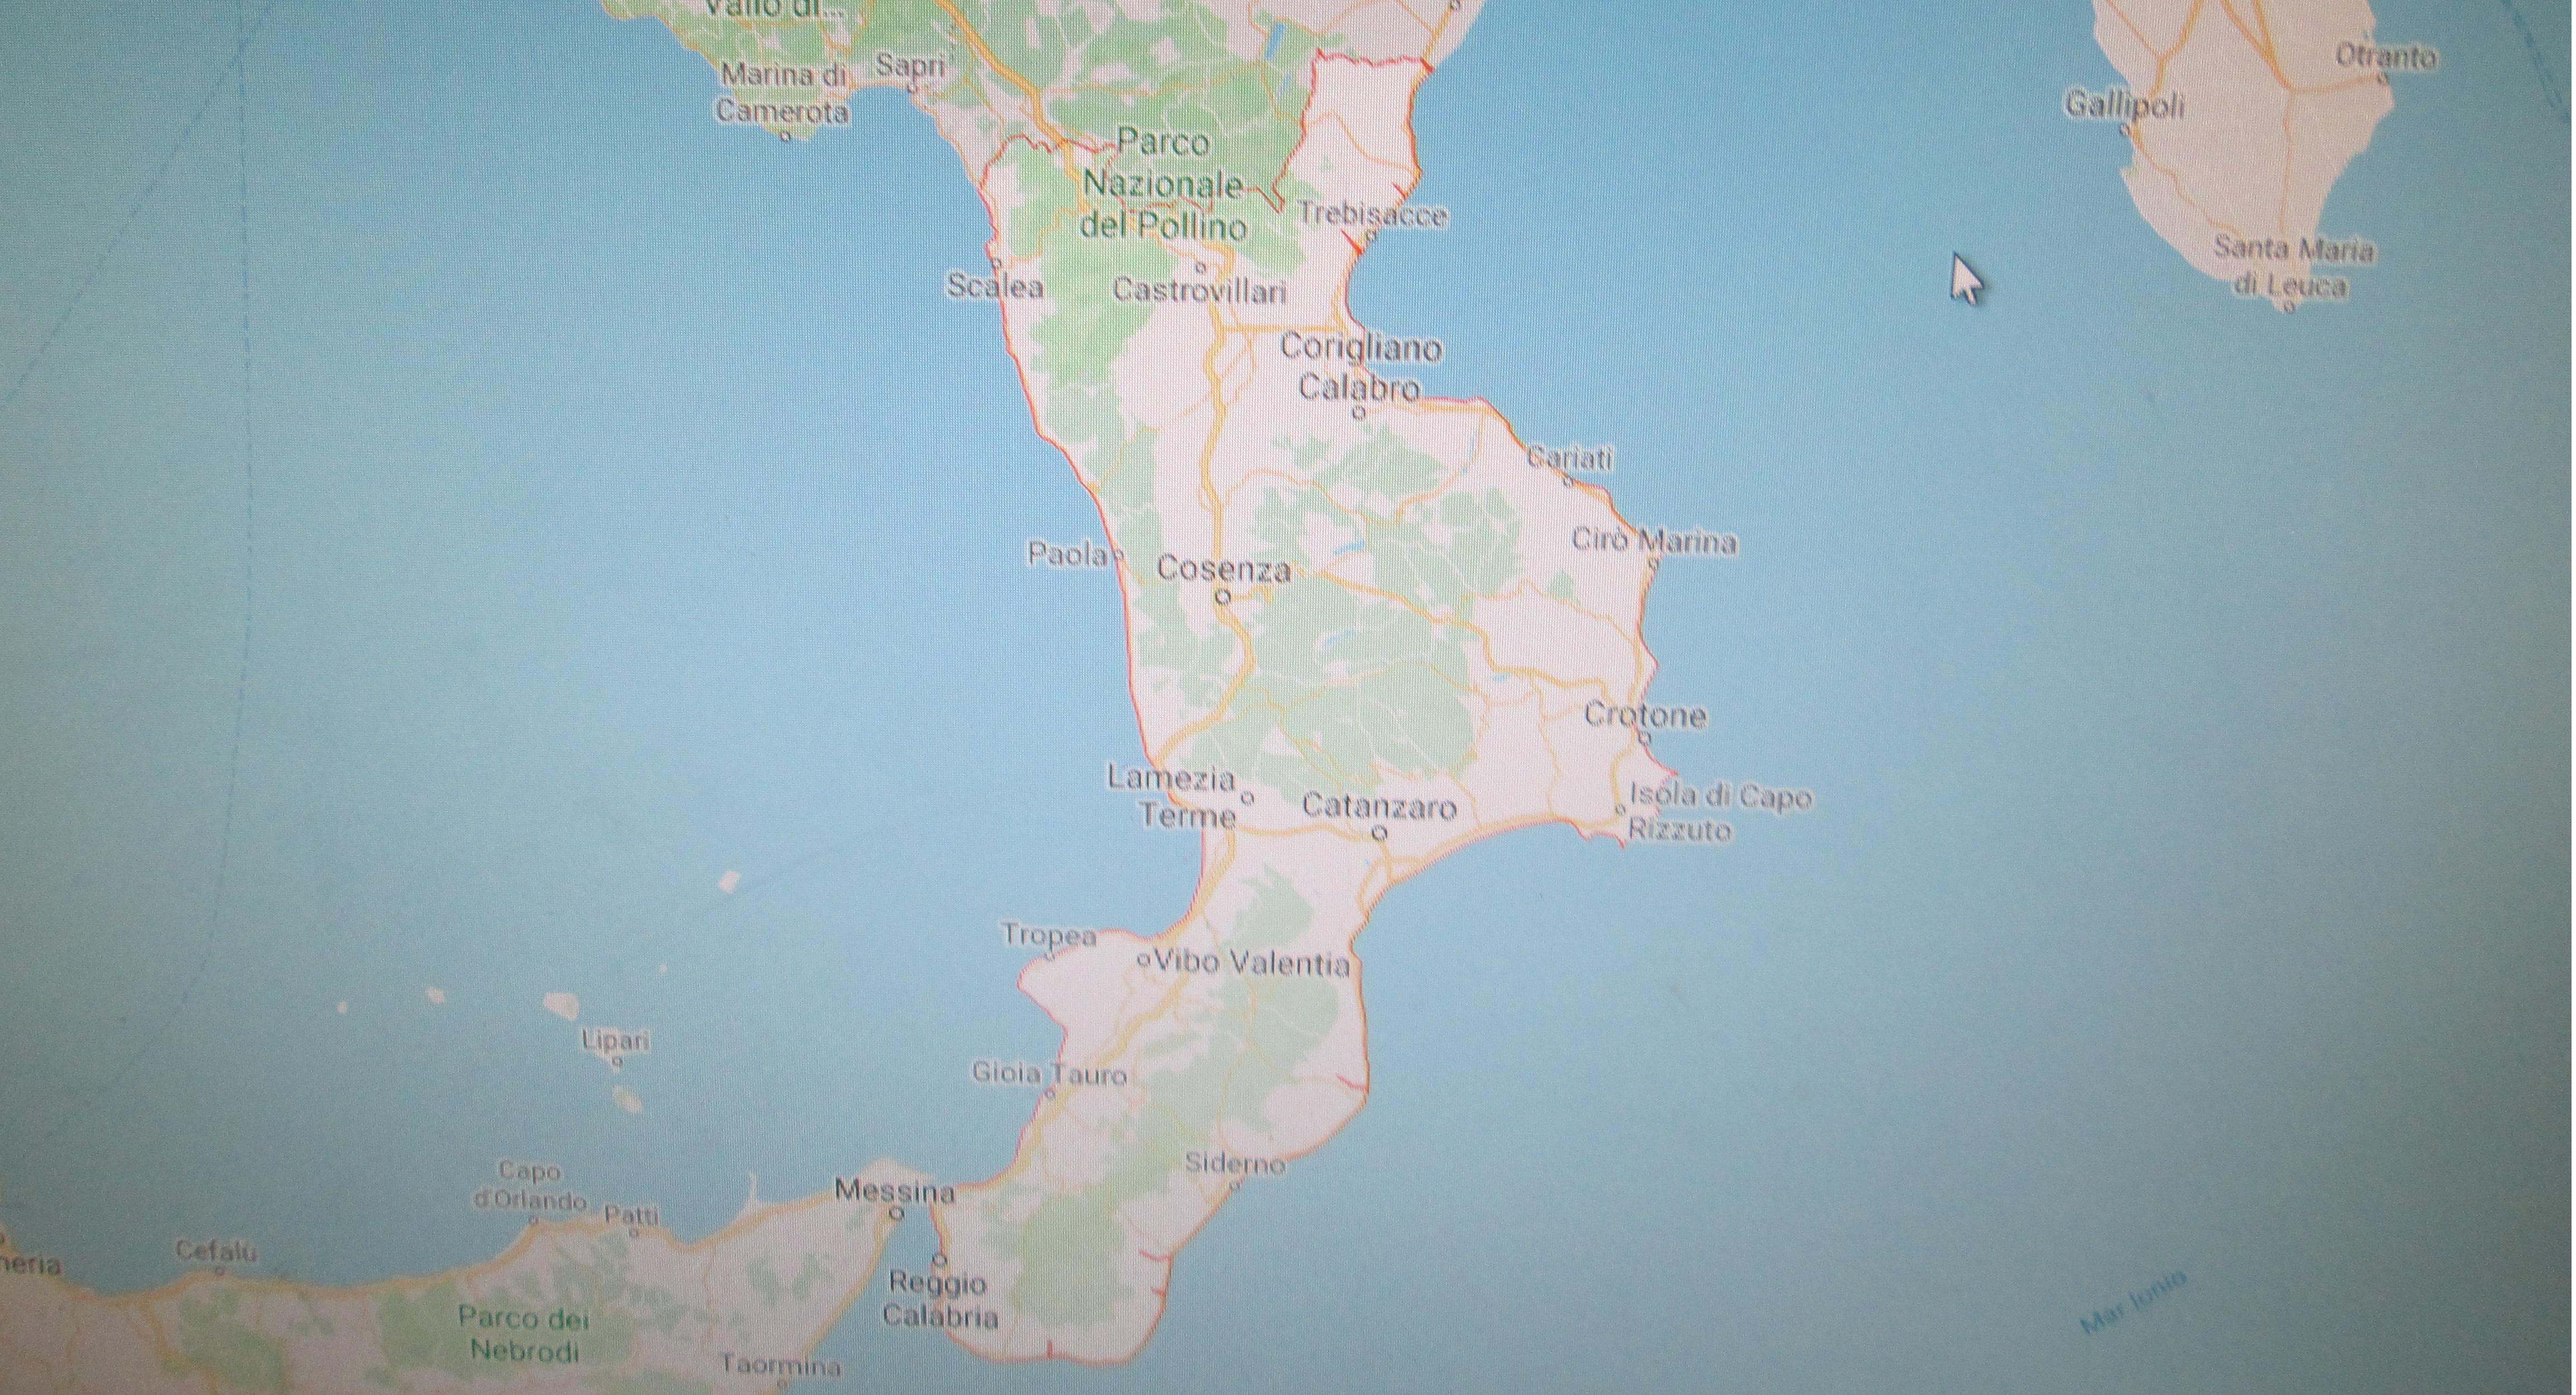 Calabria: cinque prodotti tipici calabresi da scoprire